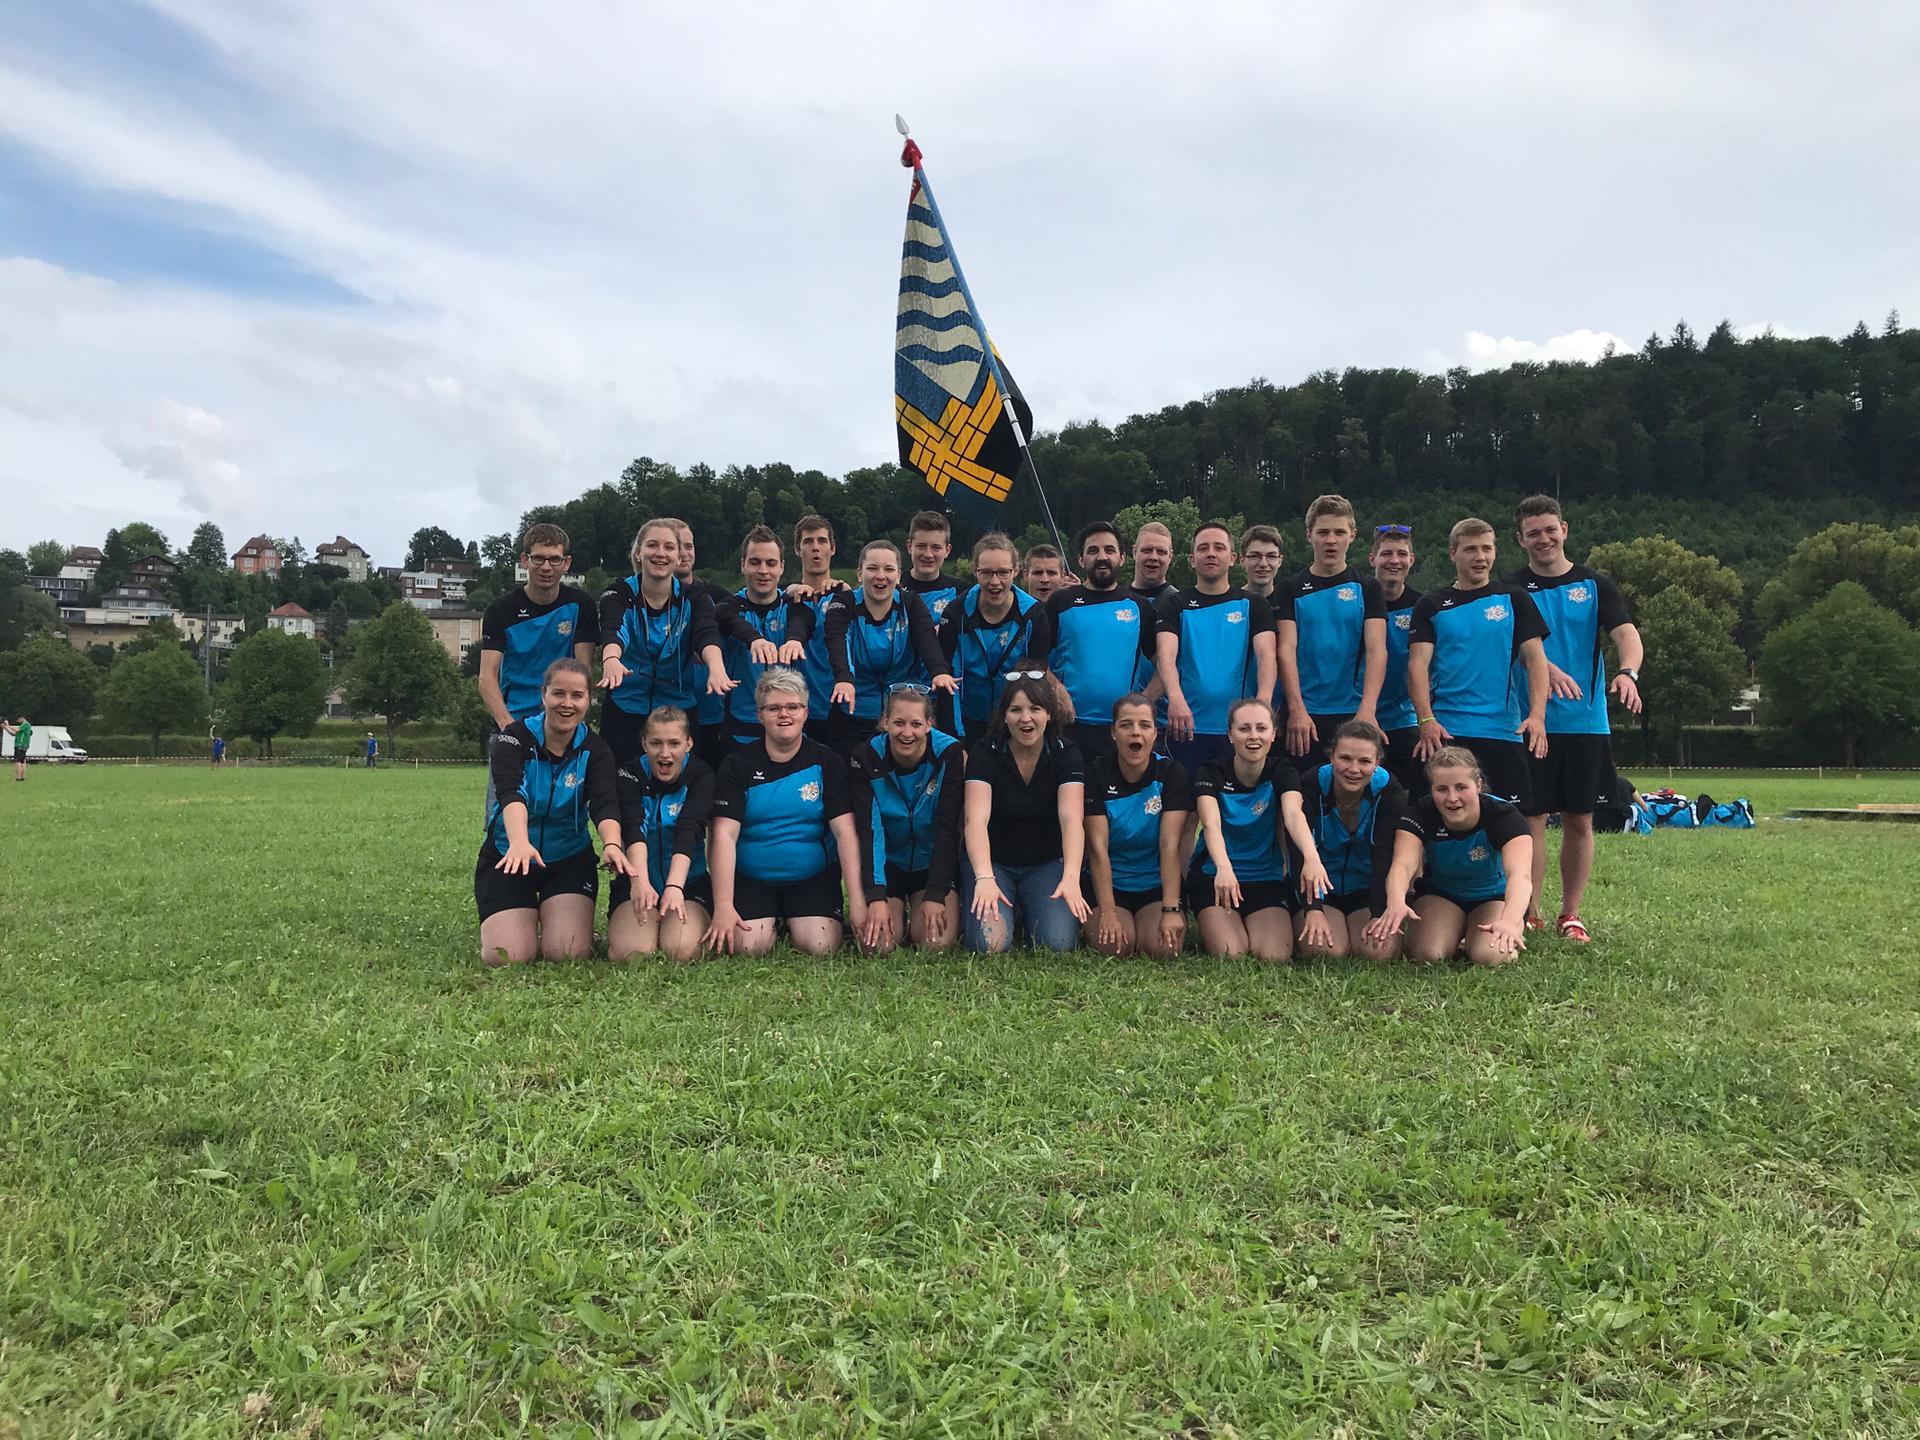 Eidg. Turnfest in Aarau 2019